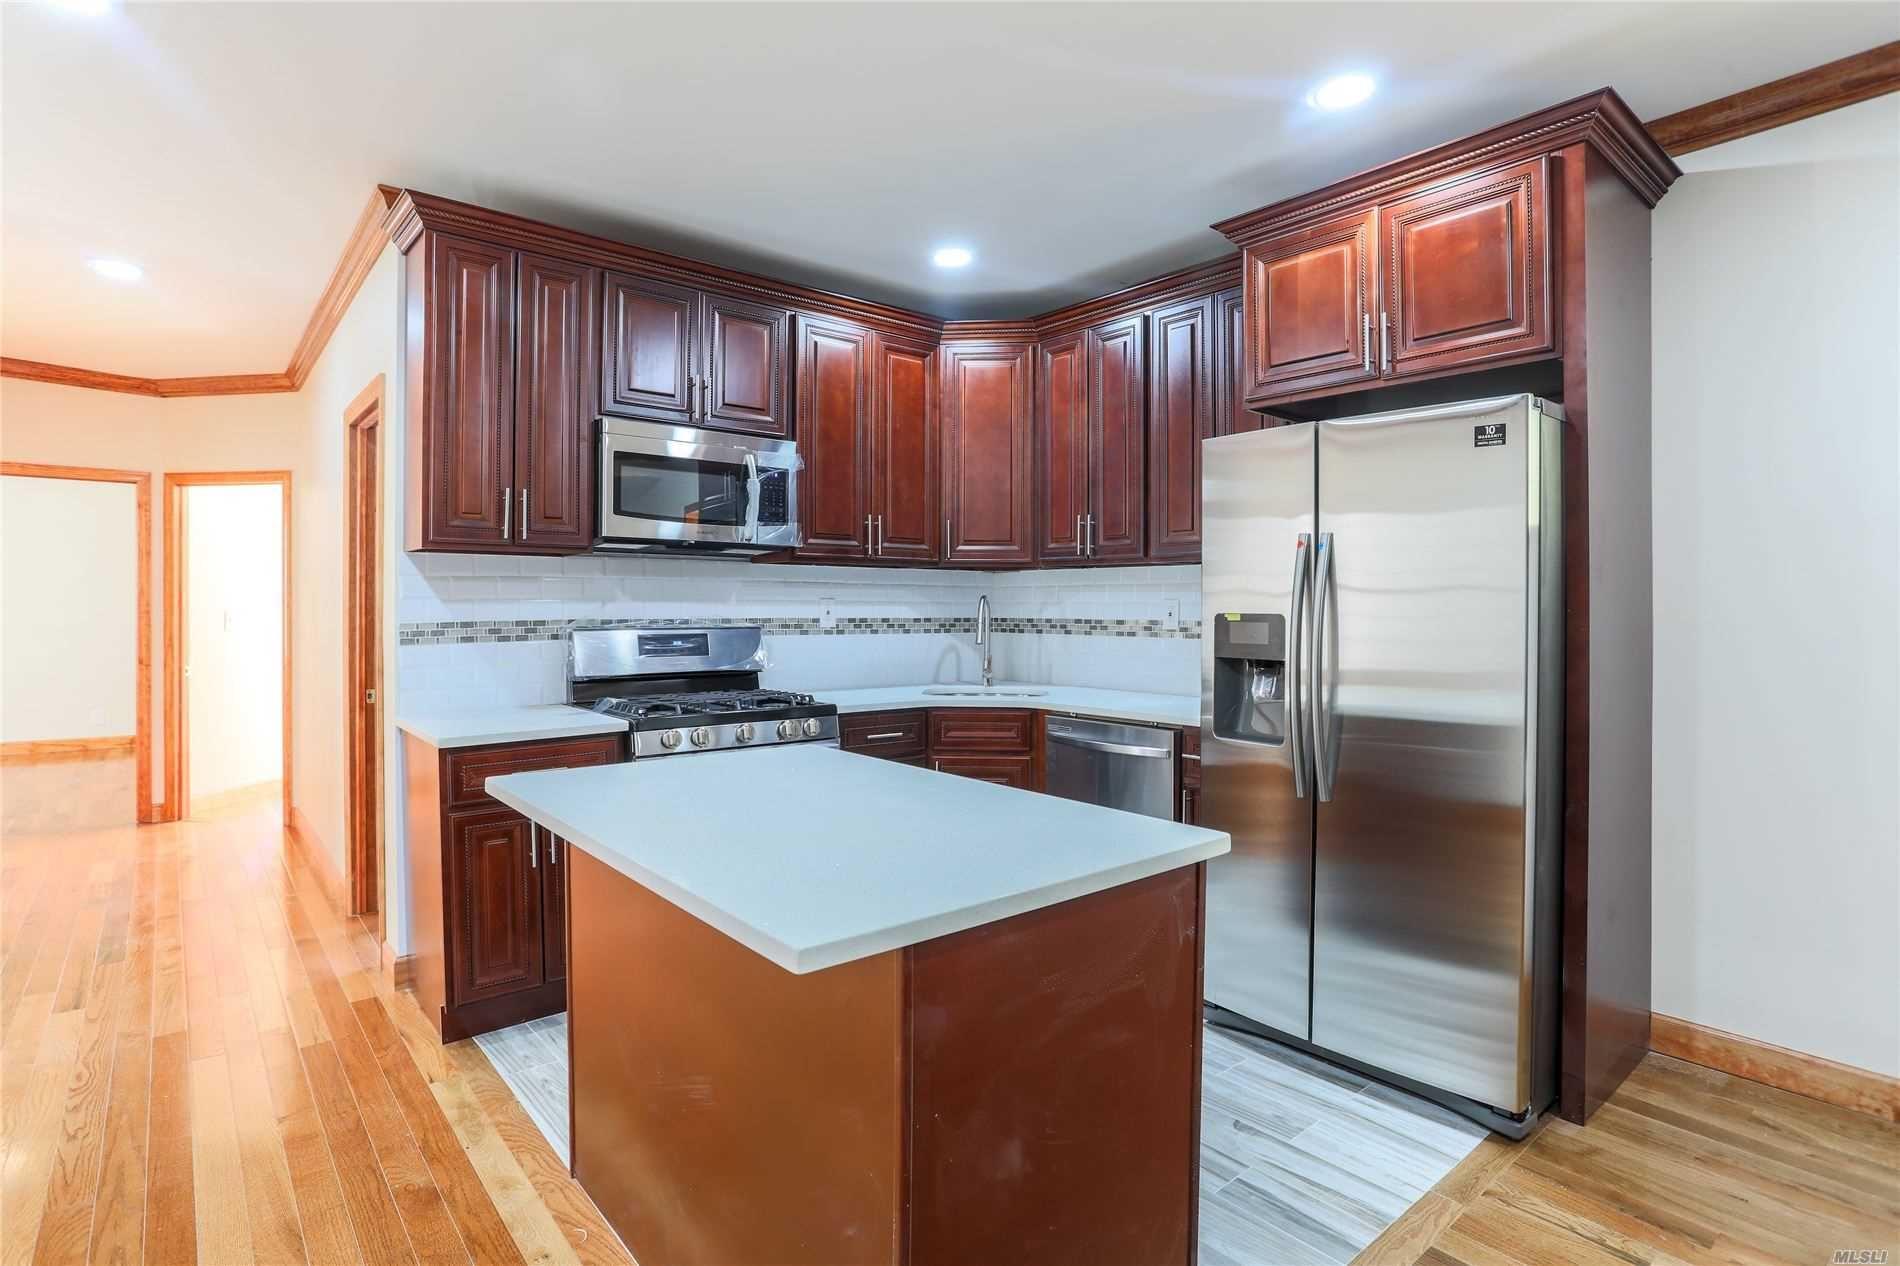 2864 E. 195th Street, Bronx, NY 10461 - MLS#: 3242786